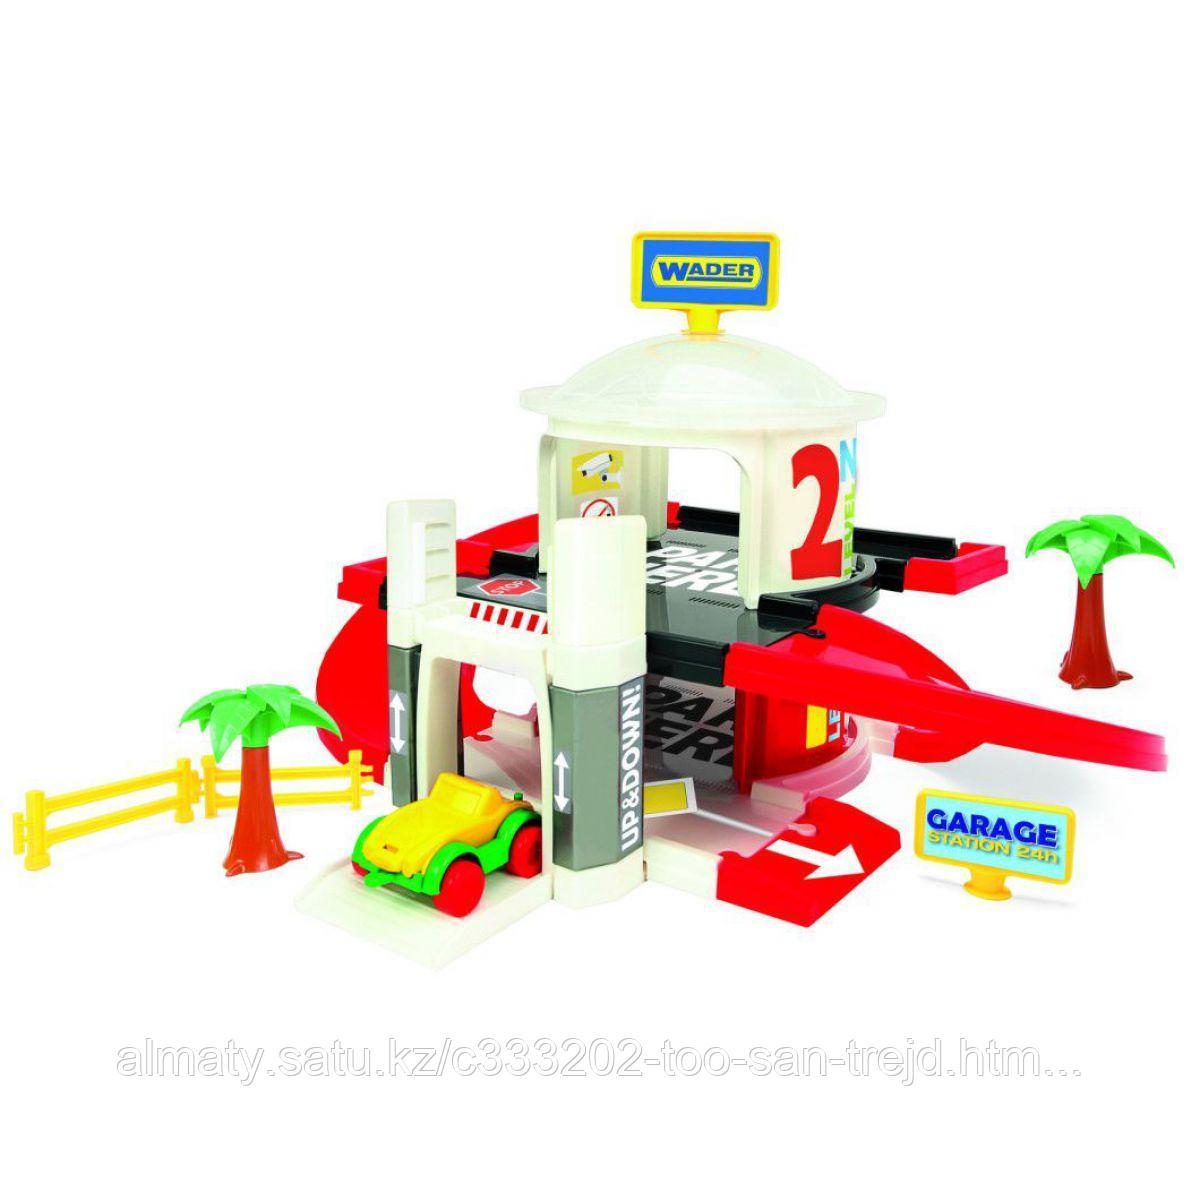 Игровой набор Wader  Гараж с лифтом 2 уровня